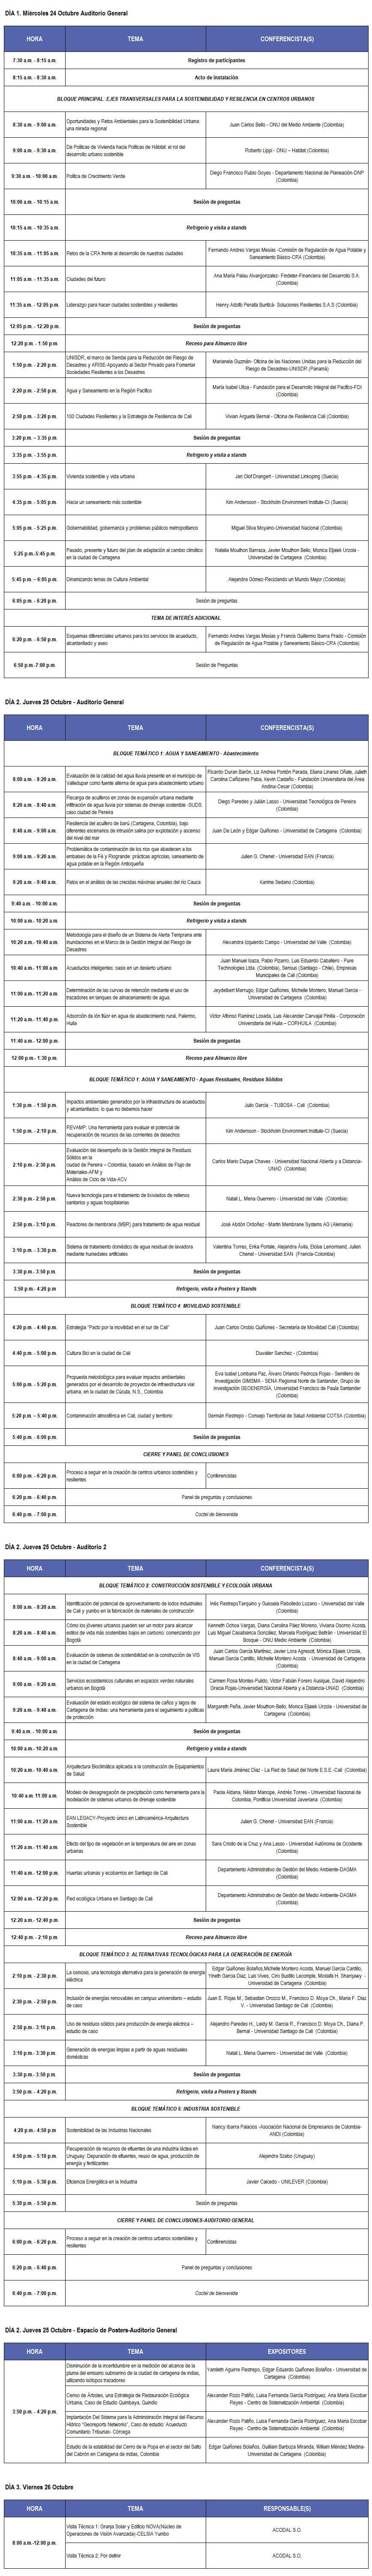 Calendario Completo 2018 Y 2019 Más Actual 2do Seminario Internacional Centros Urbanos sostenible Of Calendario Completo 2018 Y 2019 Mejores Y Más Novedosos Agenda 2019 Con Mandalas Para Colorear Y Consignas Para Dise±ar Tu